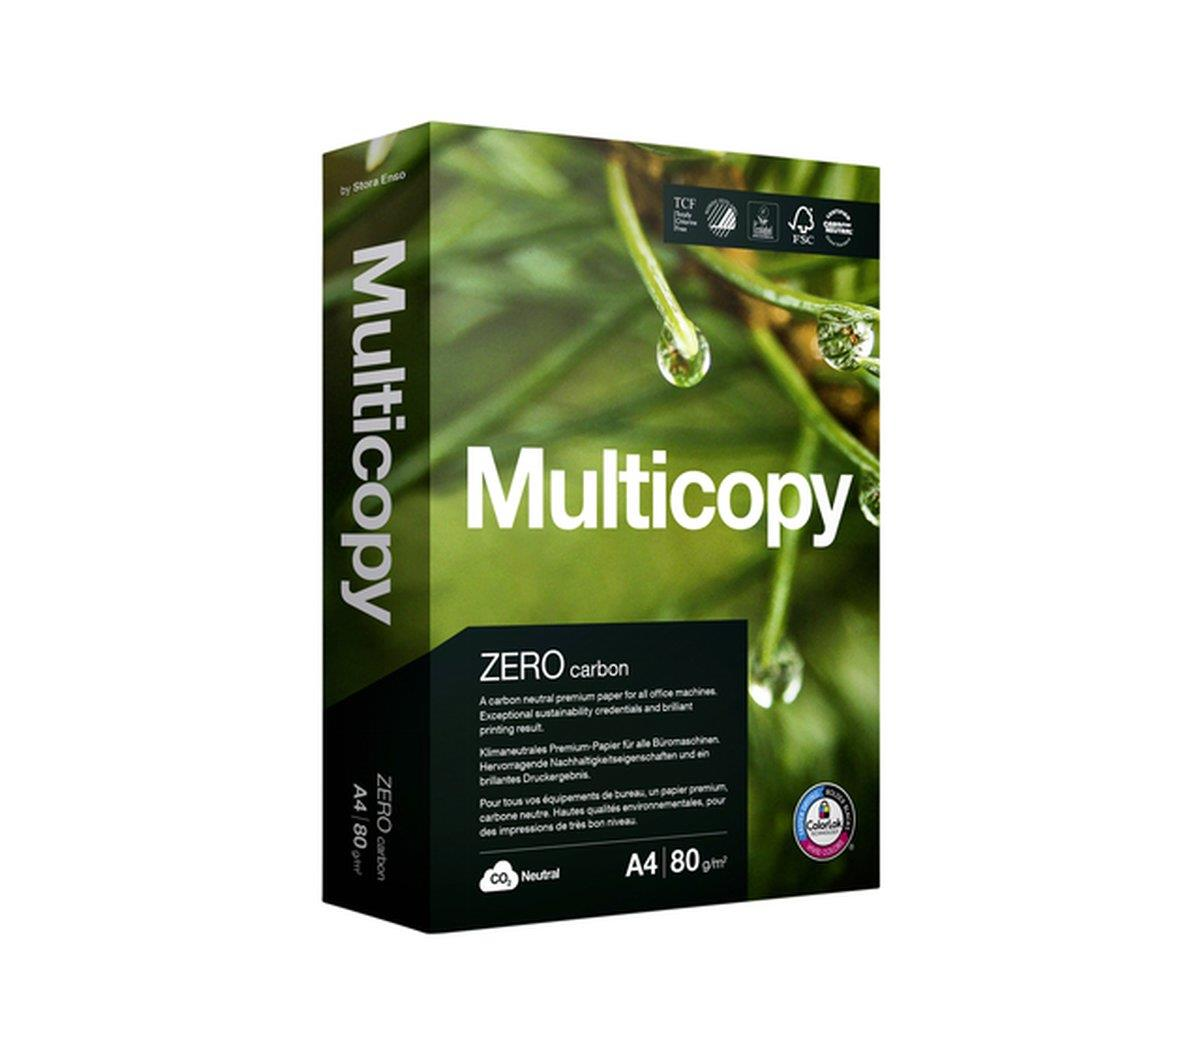 Χαρτί φωτοτυπικού Α4 Multicopy 80gr πακέτο 500 φύλλων - 1